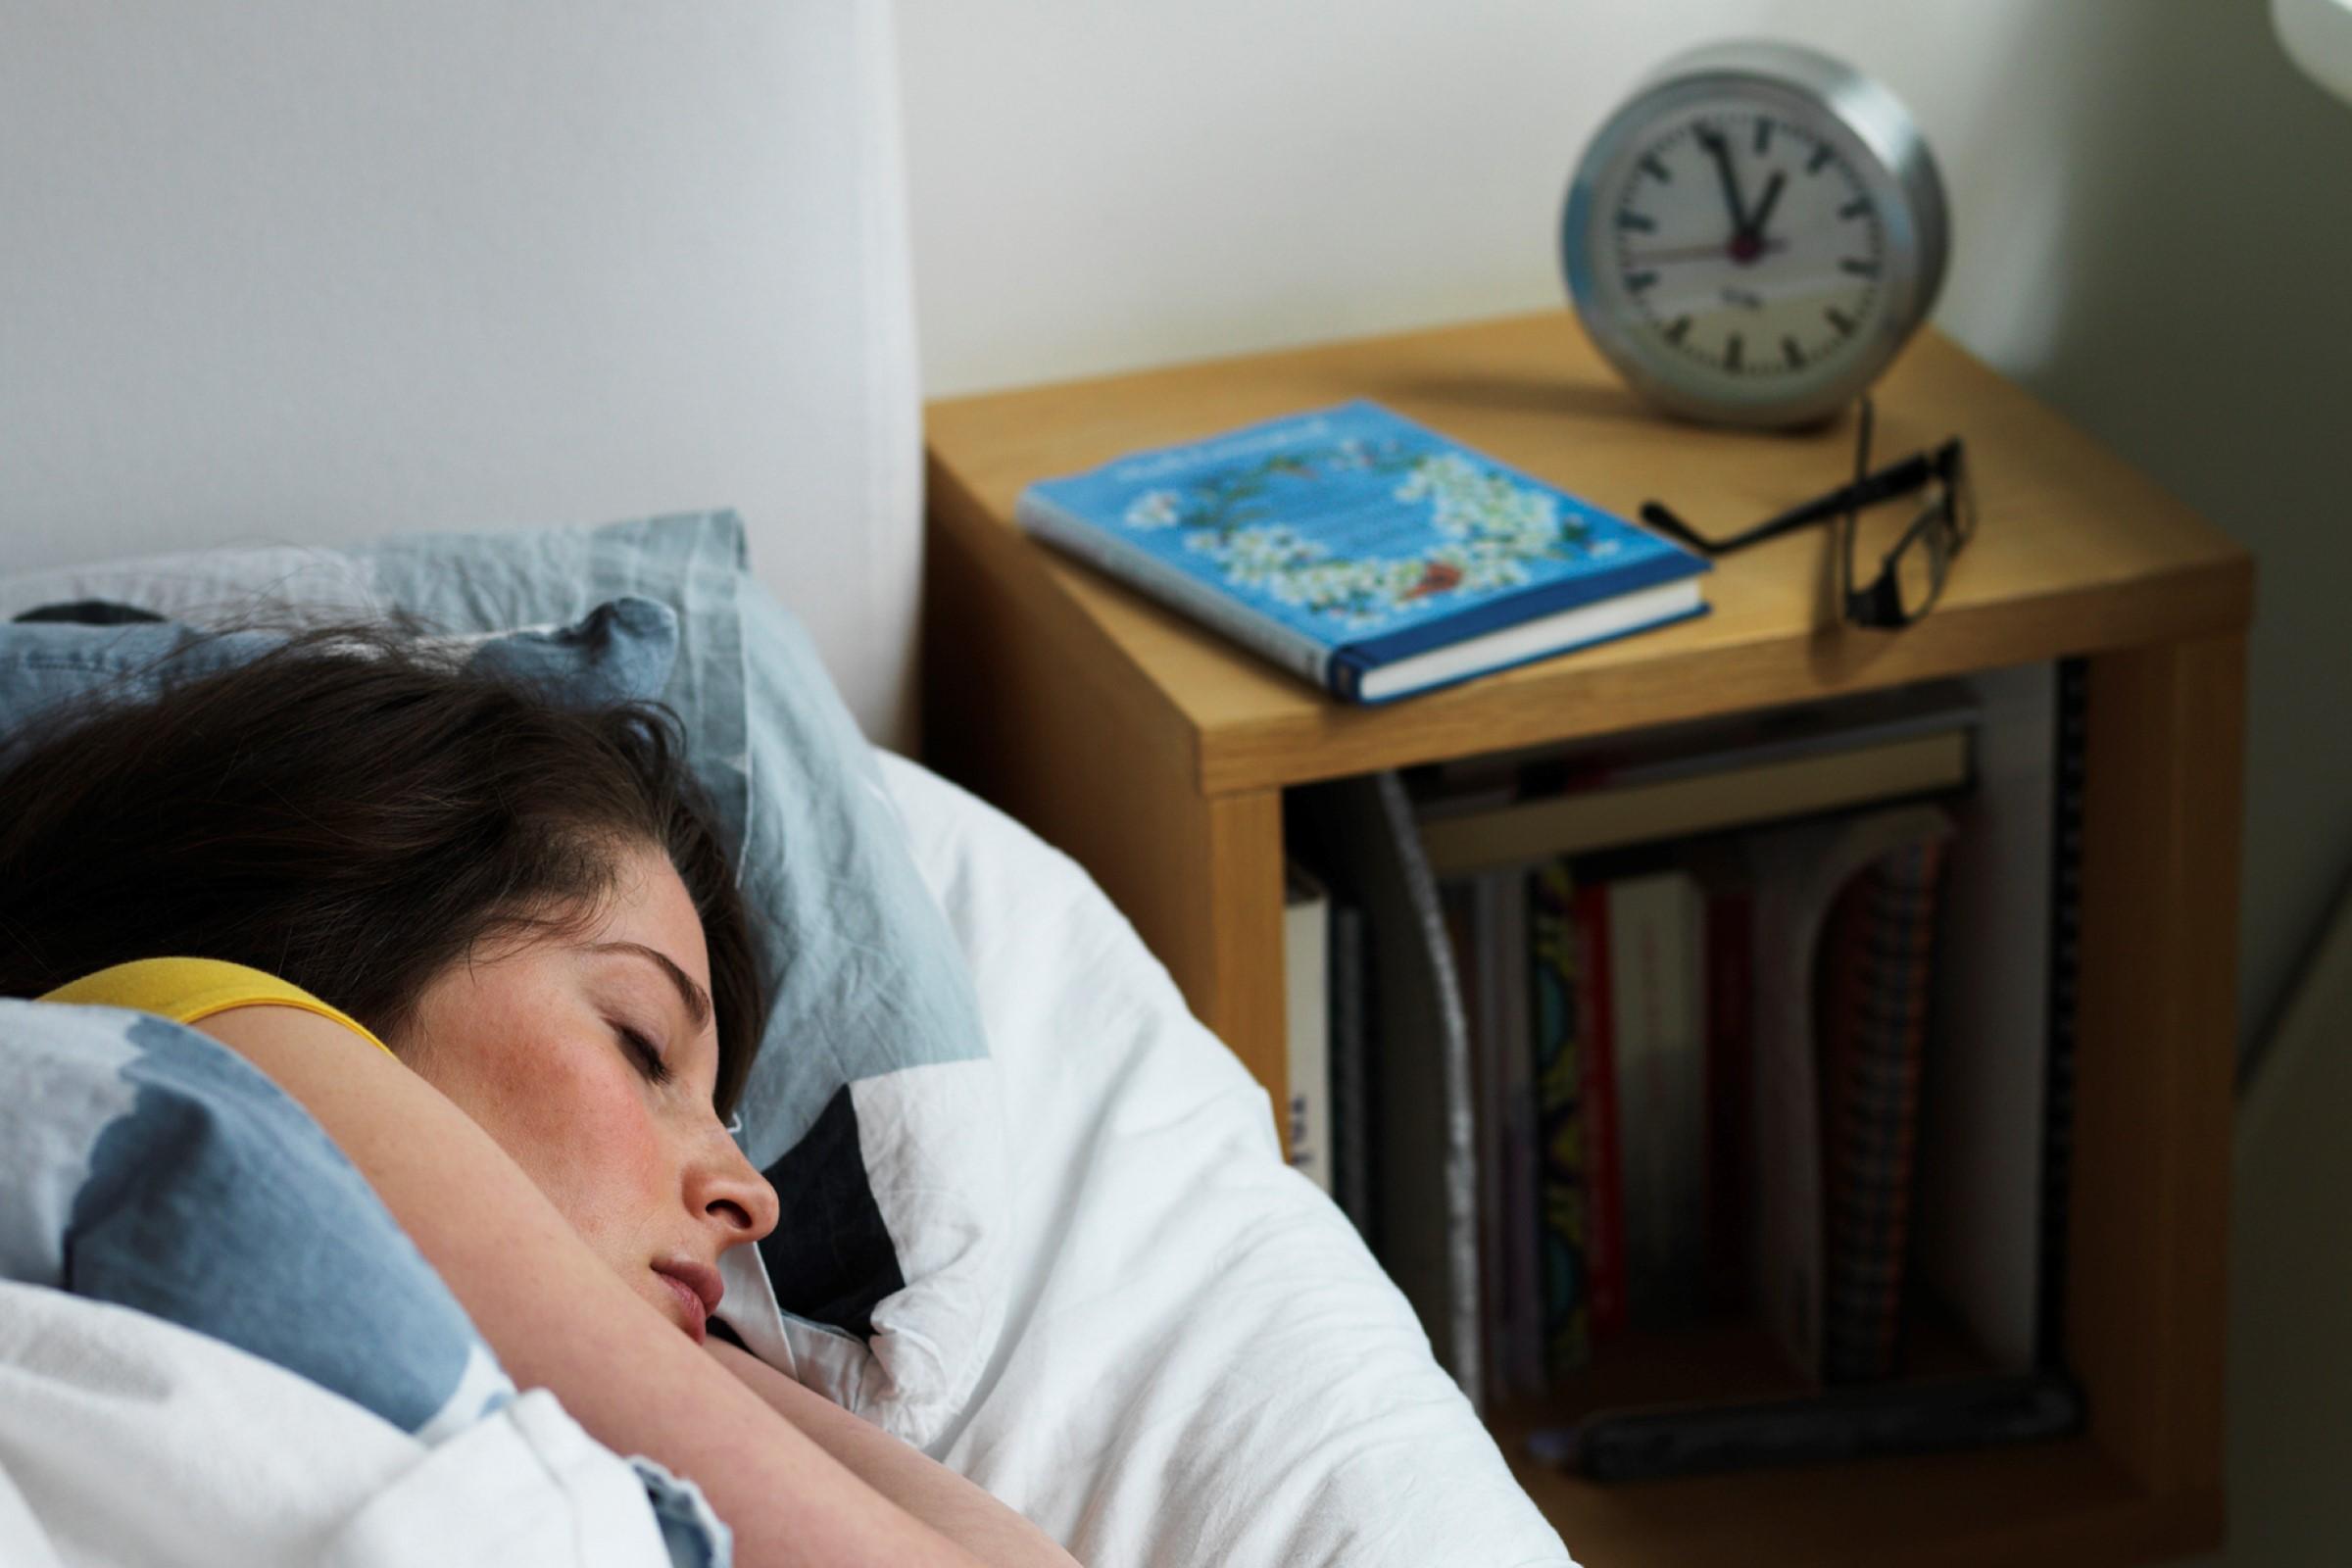 Sovende dame ligger i sengen